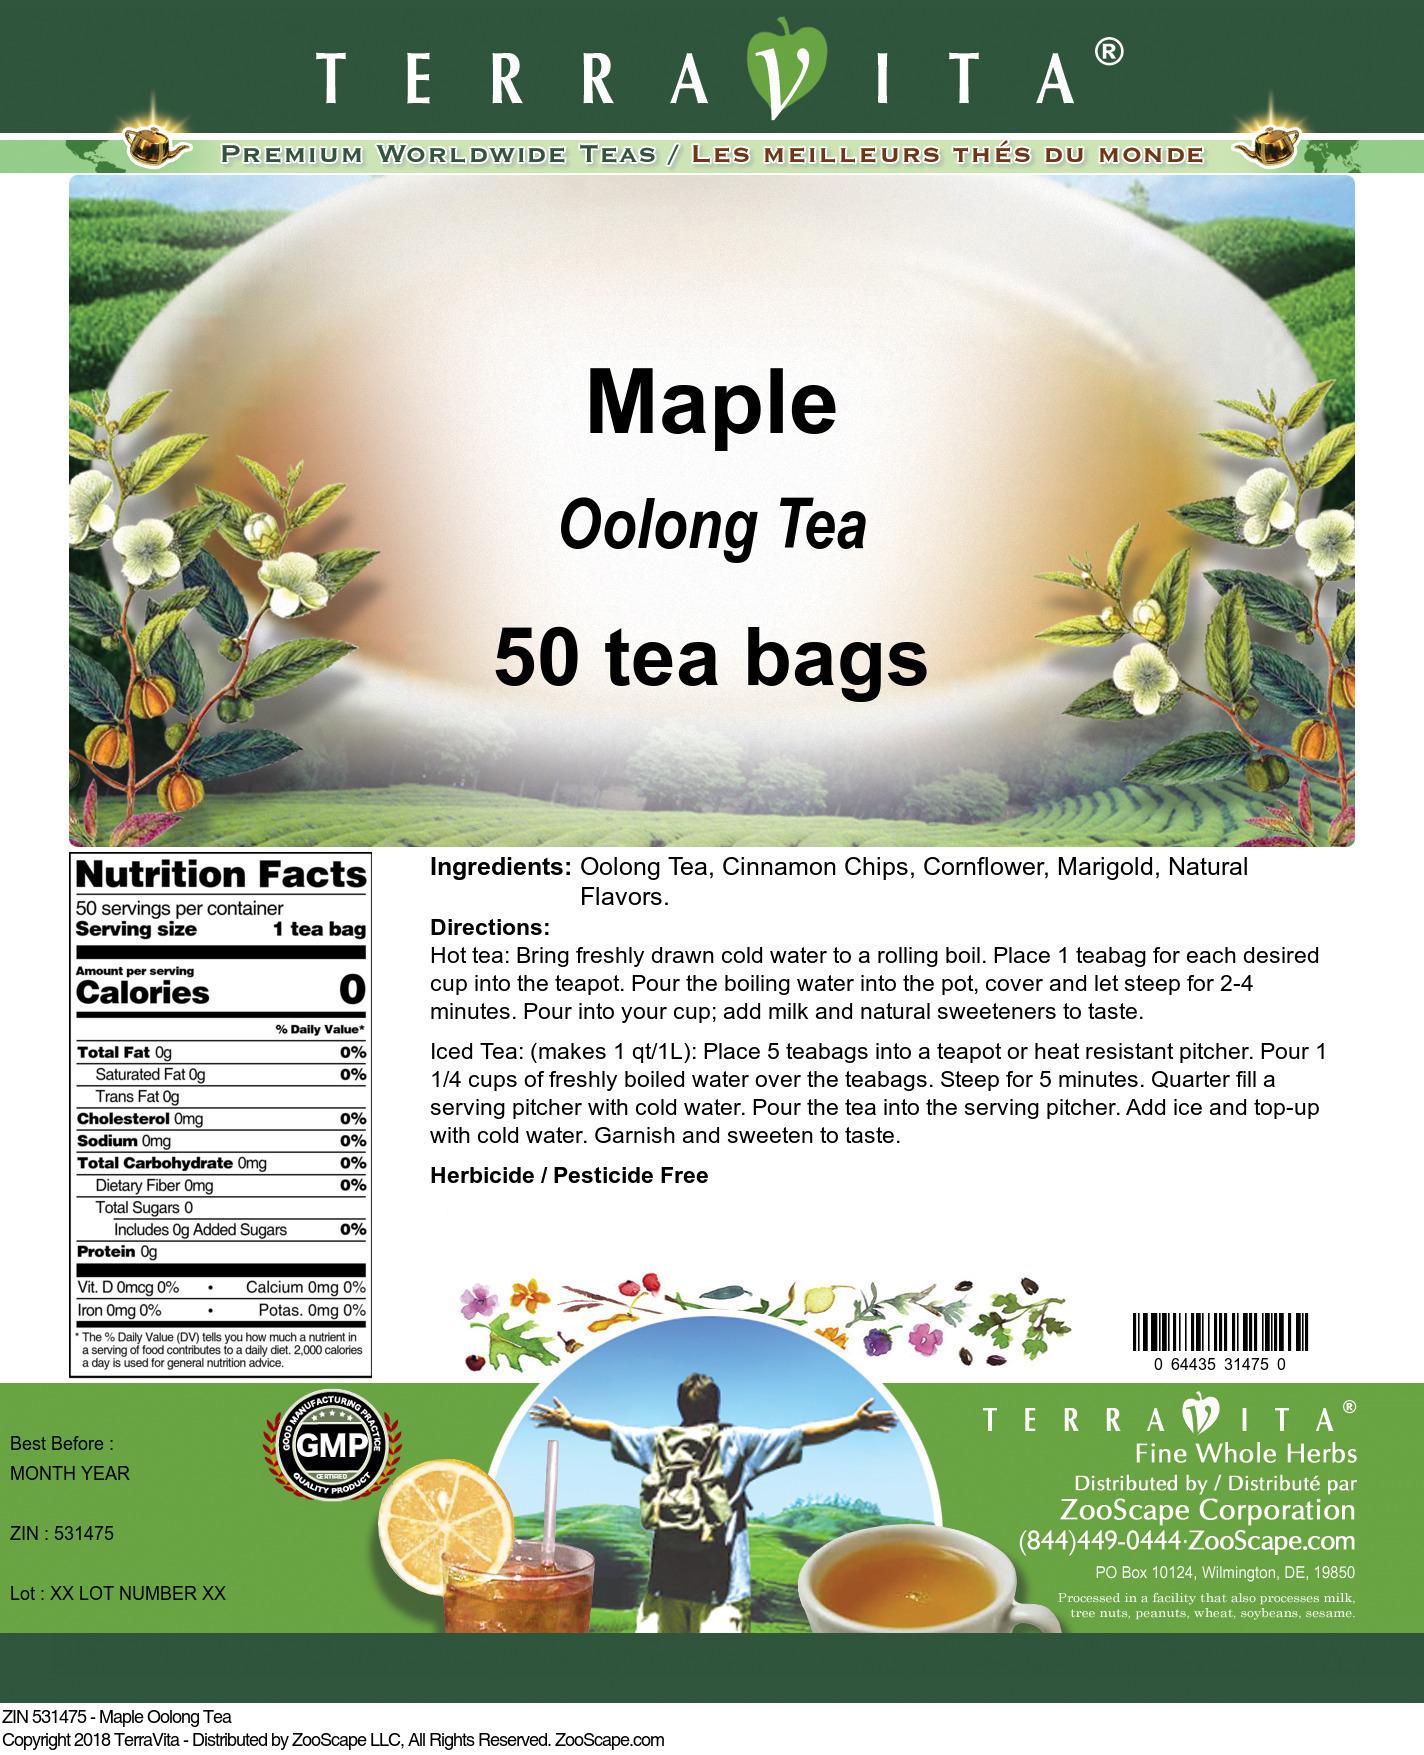 Maple Oolong Tea